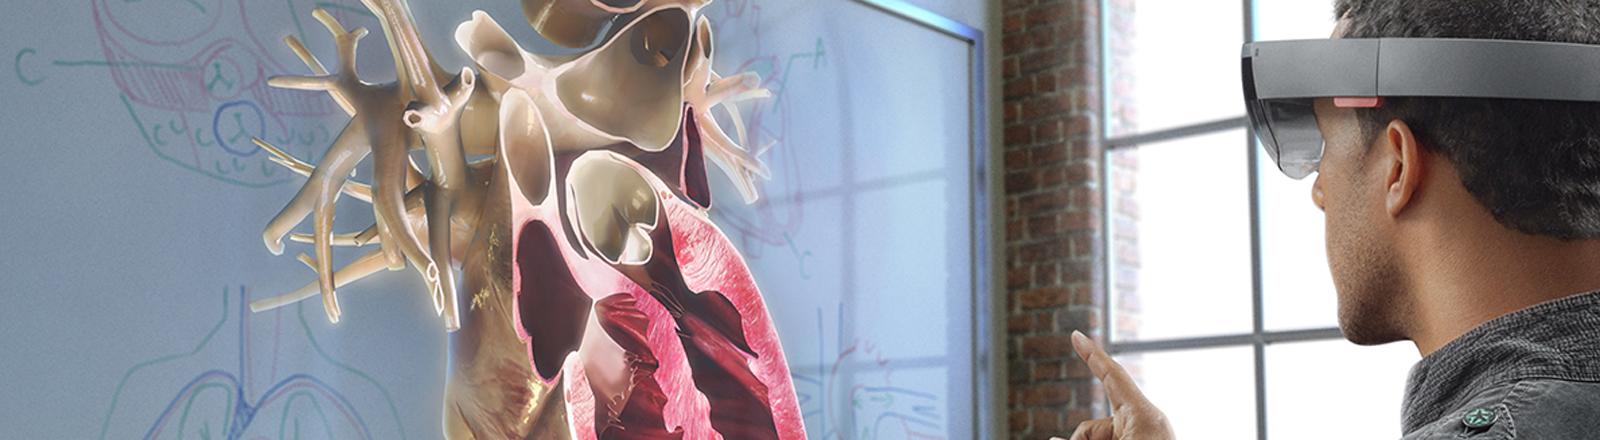 Das Handout zeigt eine Animation der Funktionsweise von Microsofts Augmented Reality-Brille Hololens.